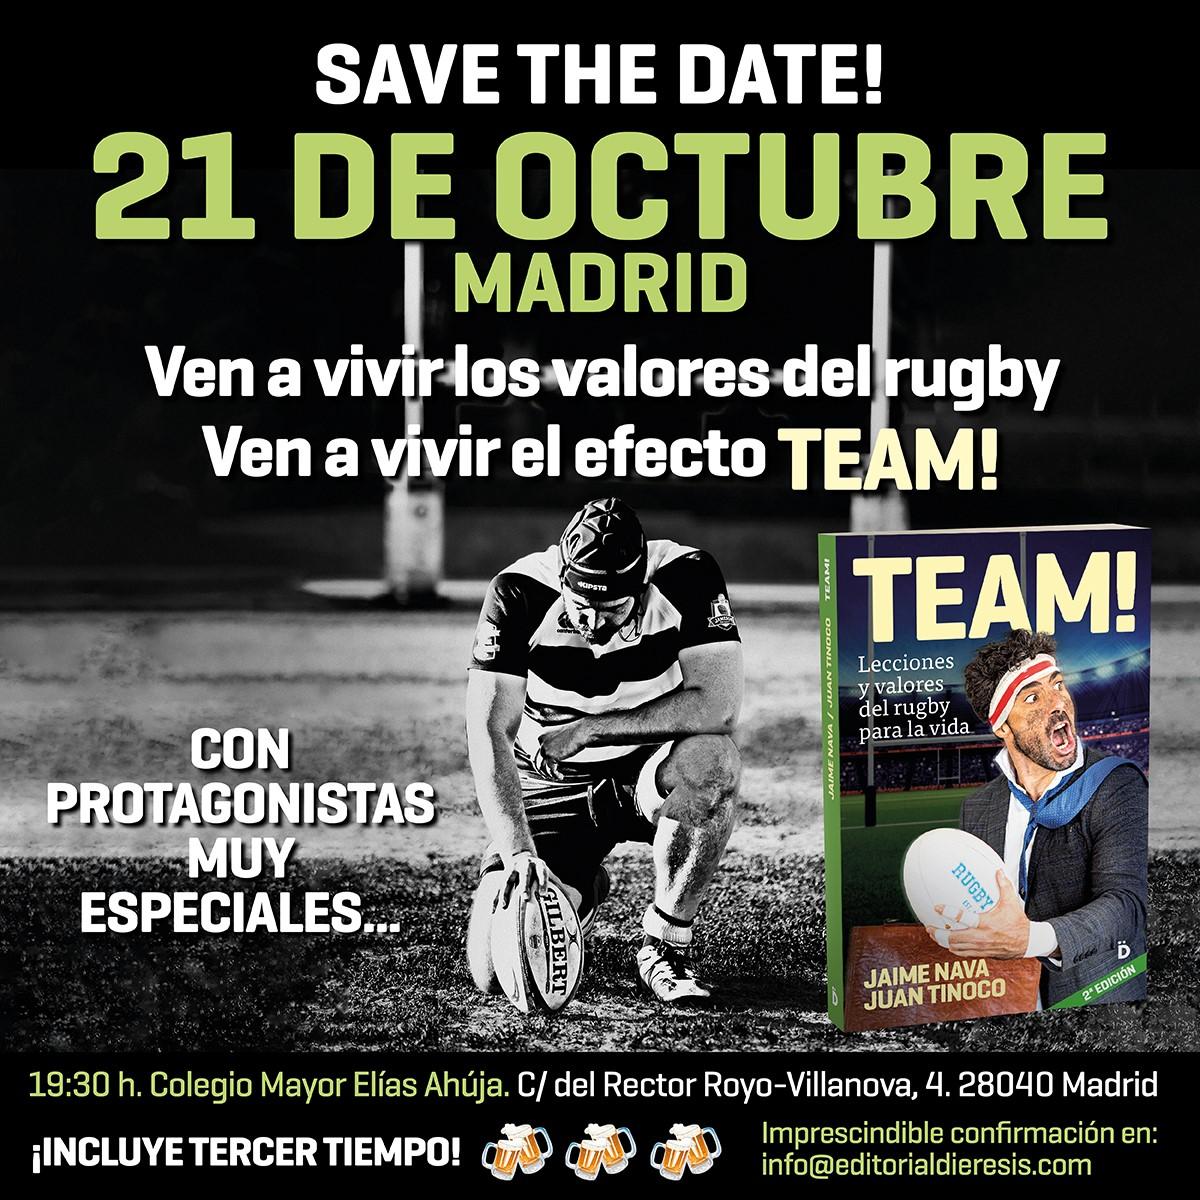 Ven a hacer TEAM! con nosotros el 21 de octubre en Madrid